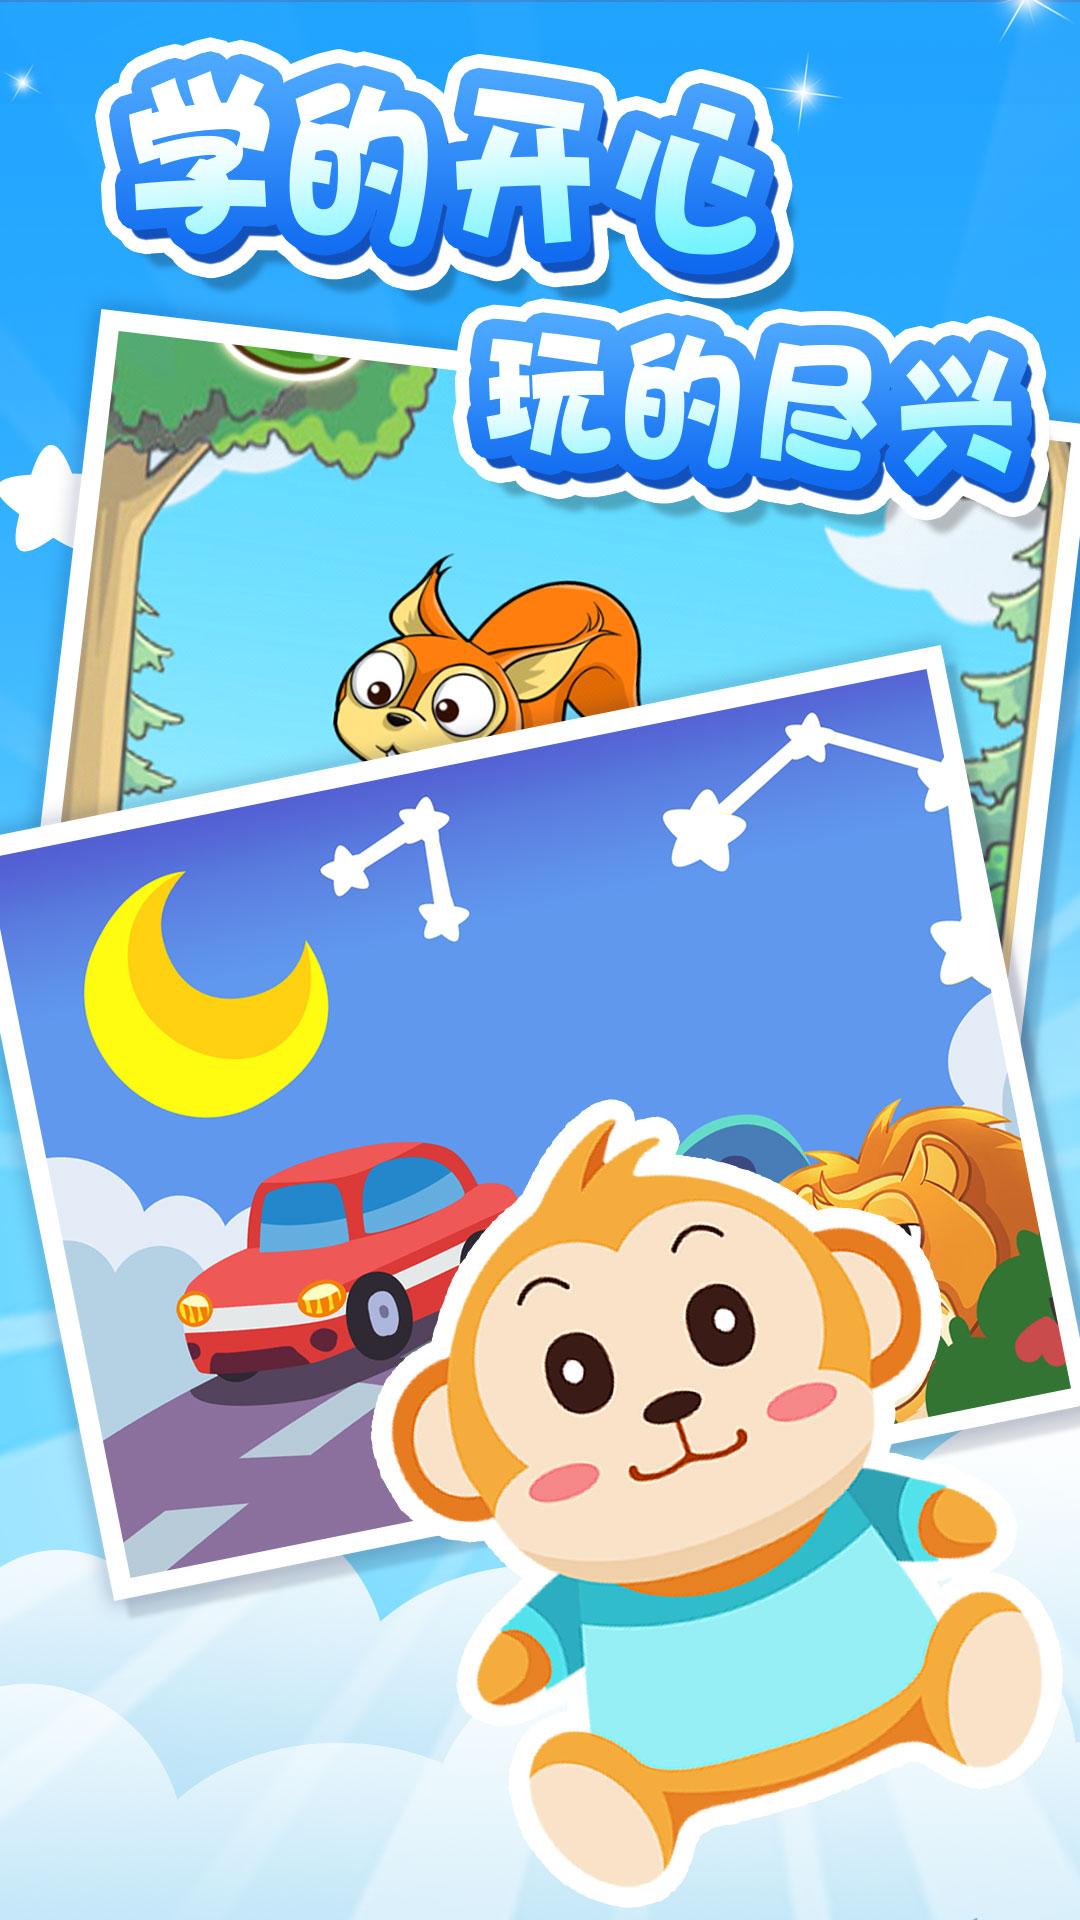 连线游戏里,孩子选择喜欢的场景,可以在动物世界里寻找自己最爱的小